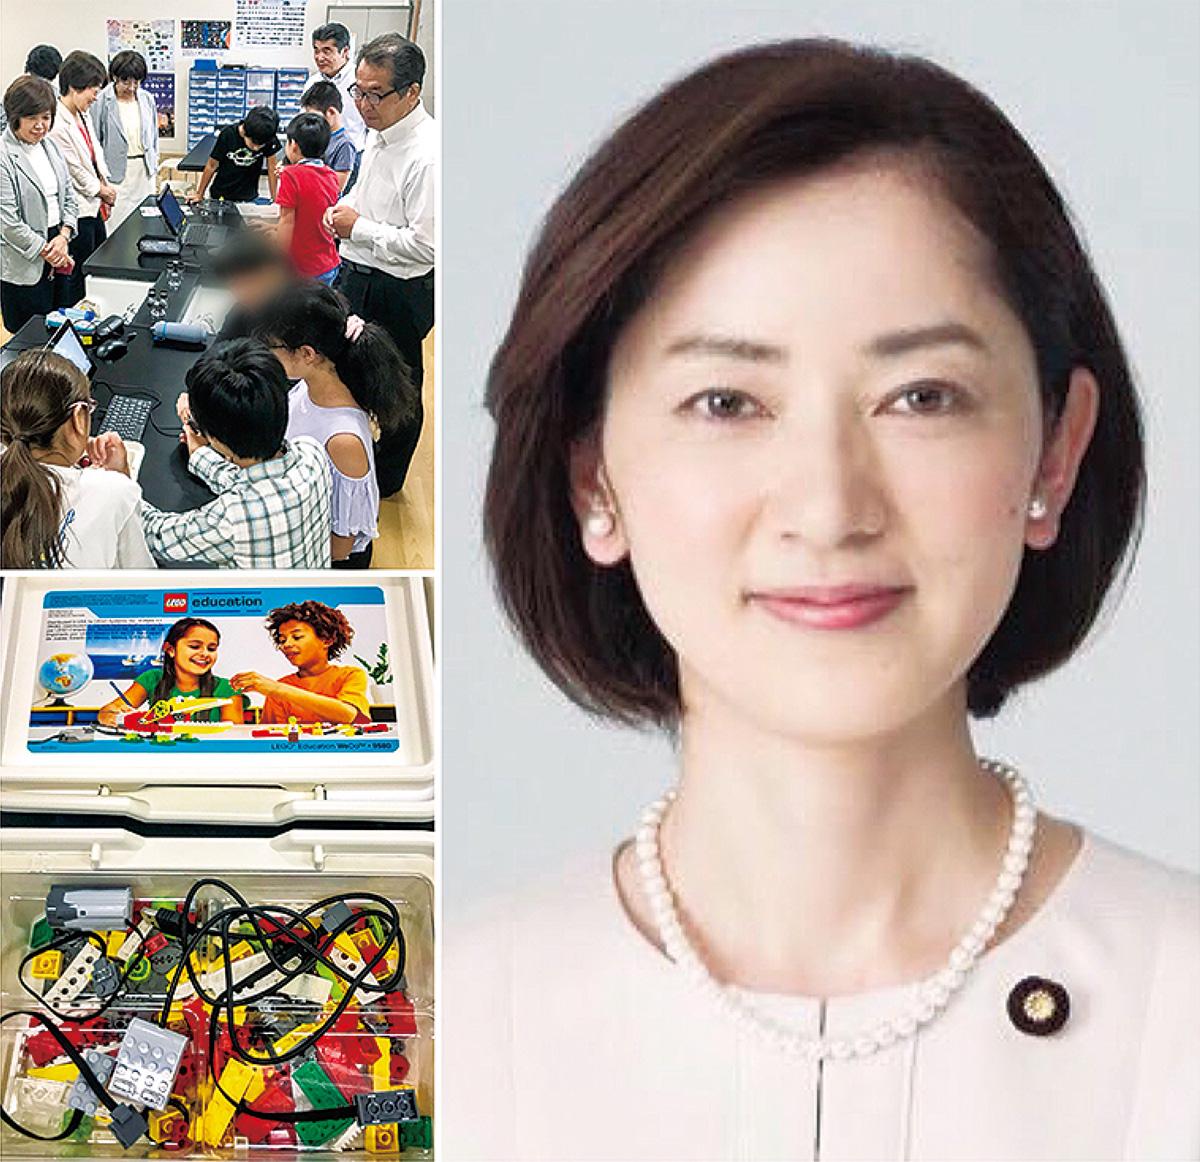 佐々木さやか参院議員が橋渡し藤沢市のプログラミング教育を促進